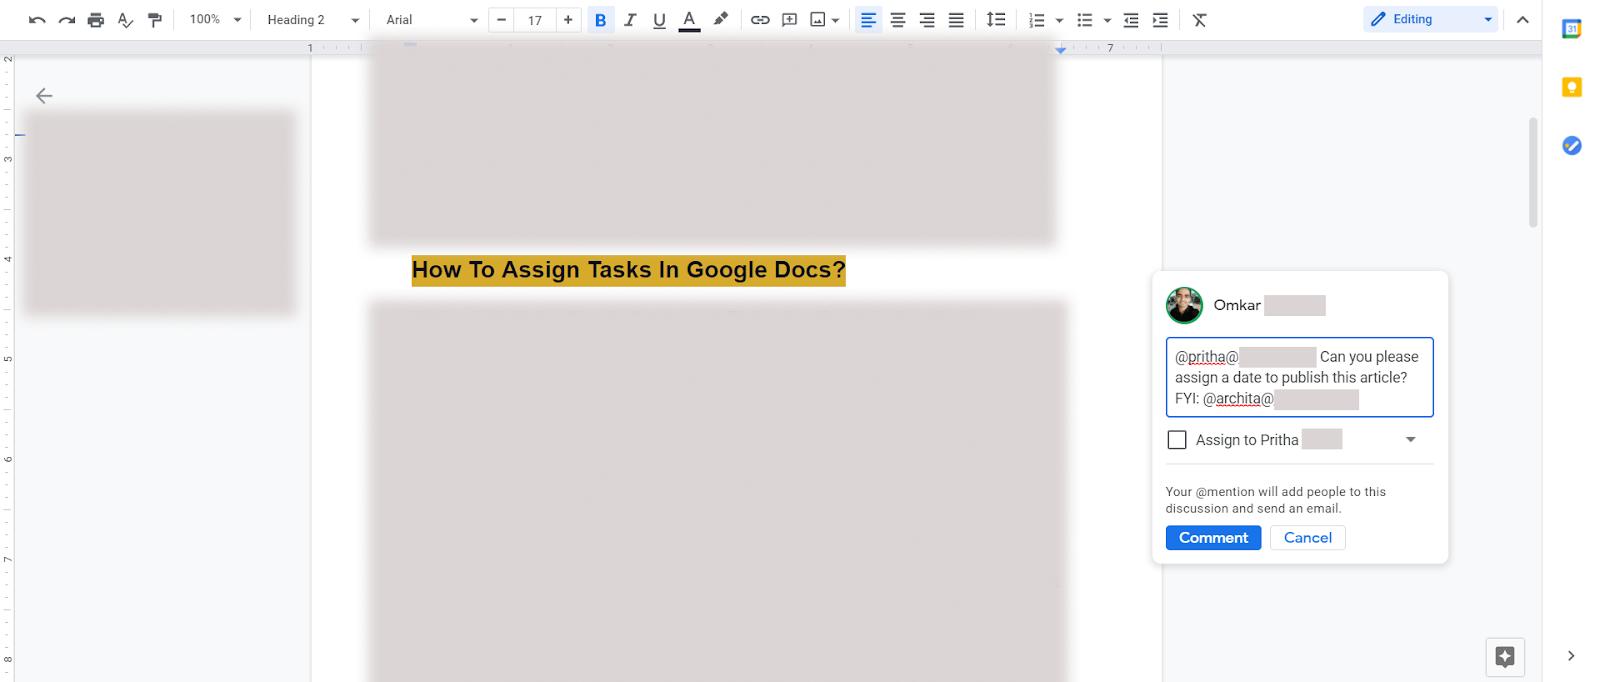 assign tasks in google docs